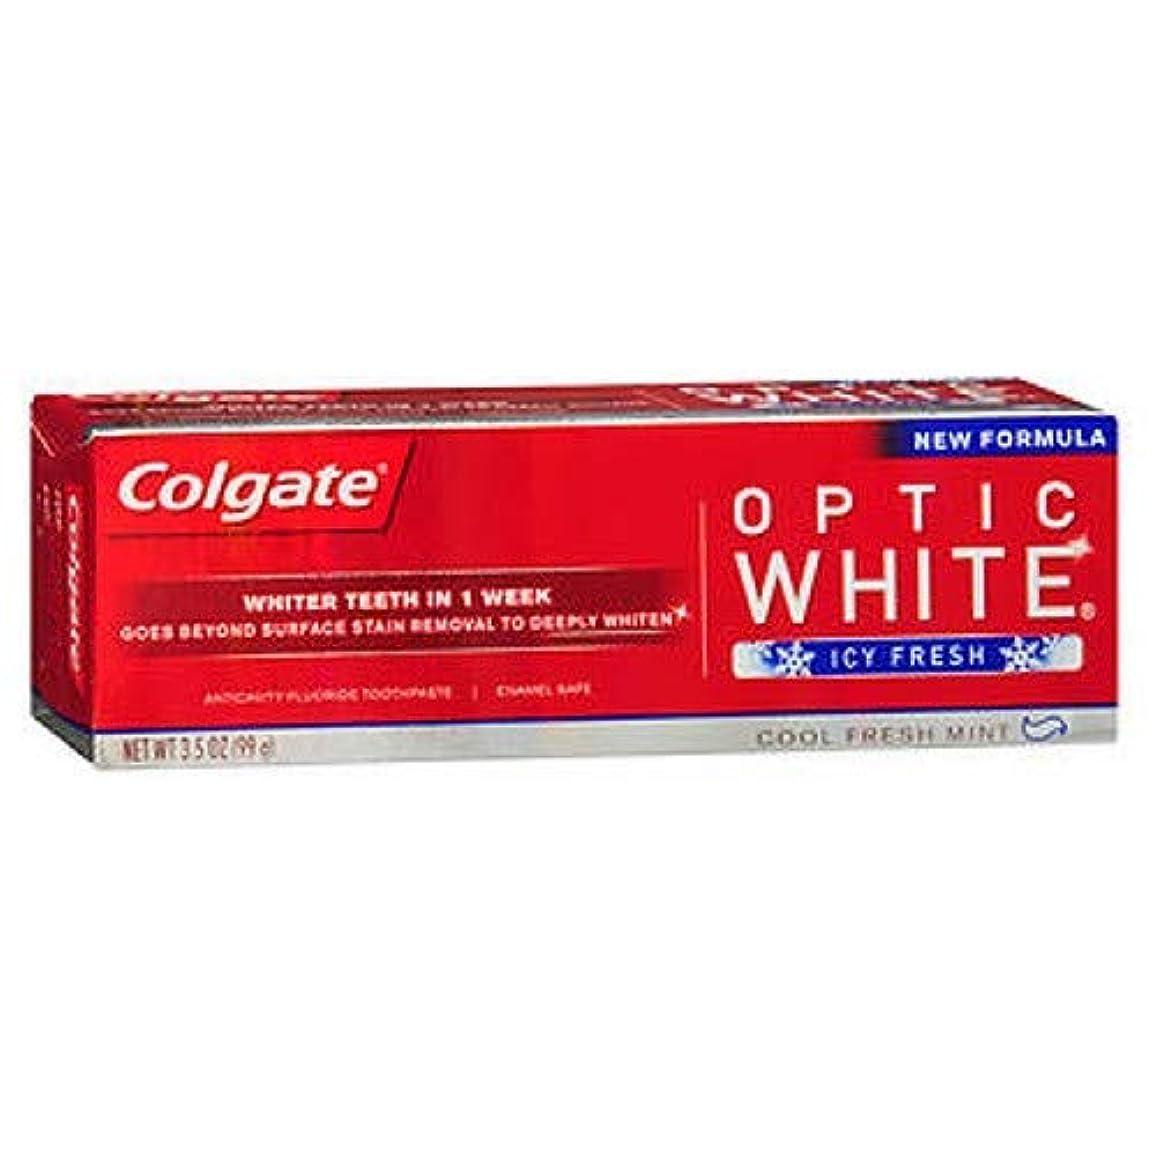 取り除くかすれた速報Colgate Optic White コルゲート Icy Fresh アドバンス ホワイトニング 99g